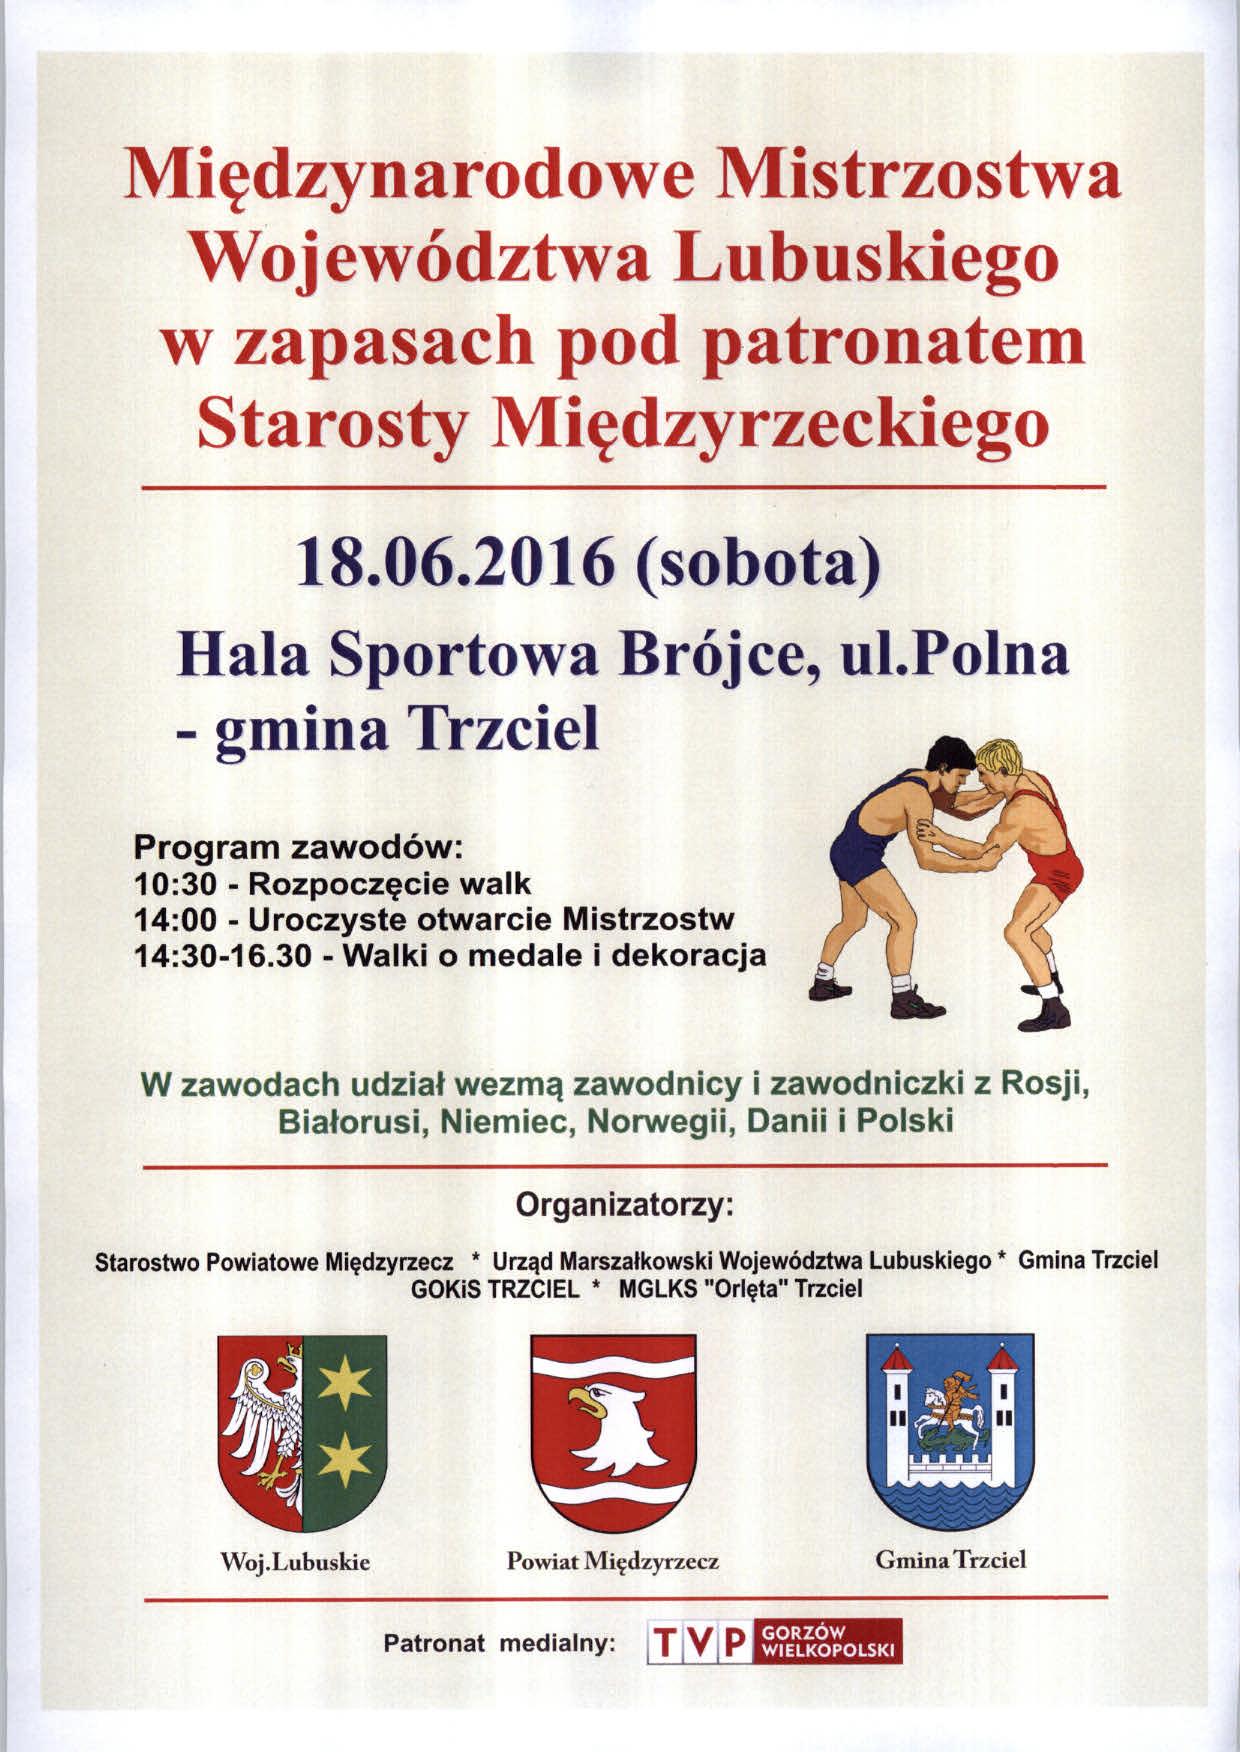 18 czerwca 2016 r. zapraszamy do Trzciela  na Międzynarodowe Mistrzostwa Województwa Lubuskiego w Zapasach